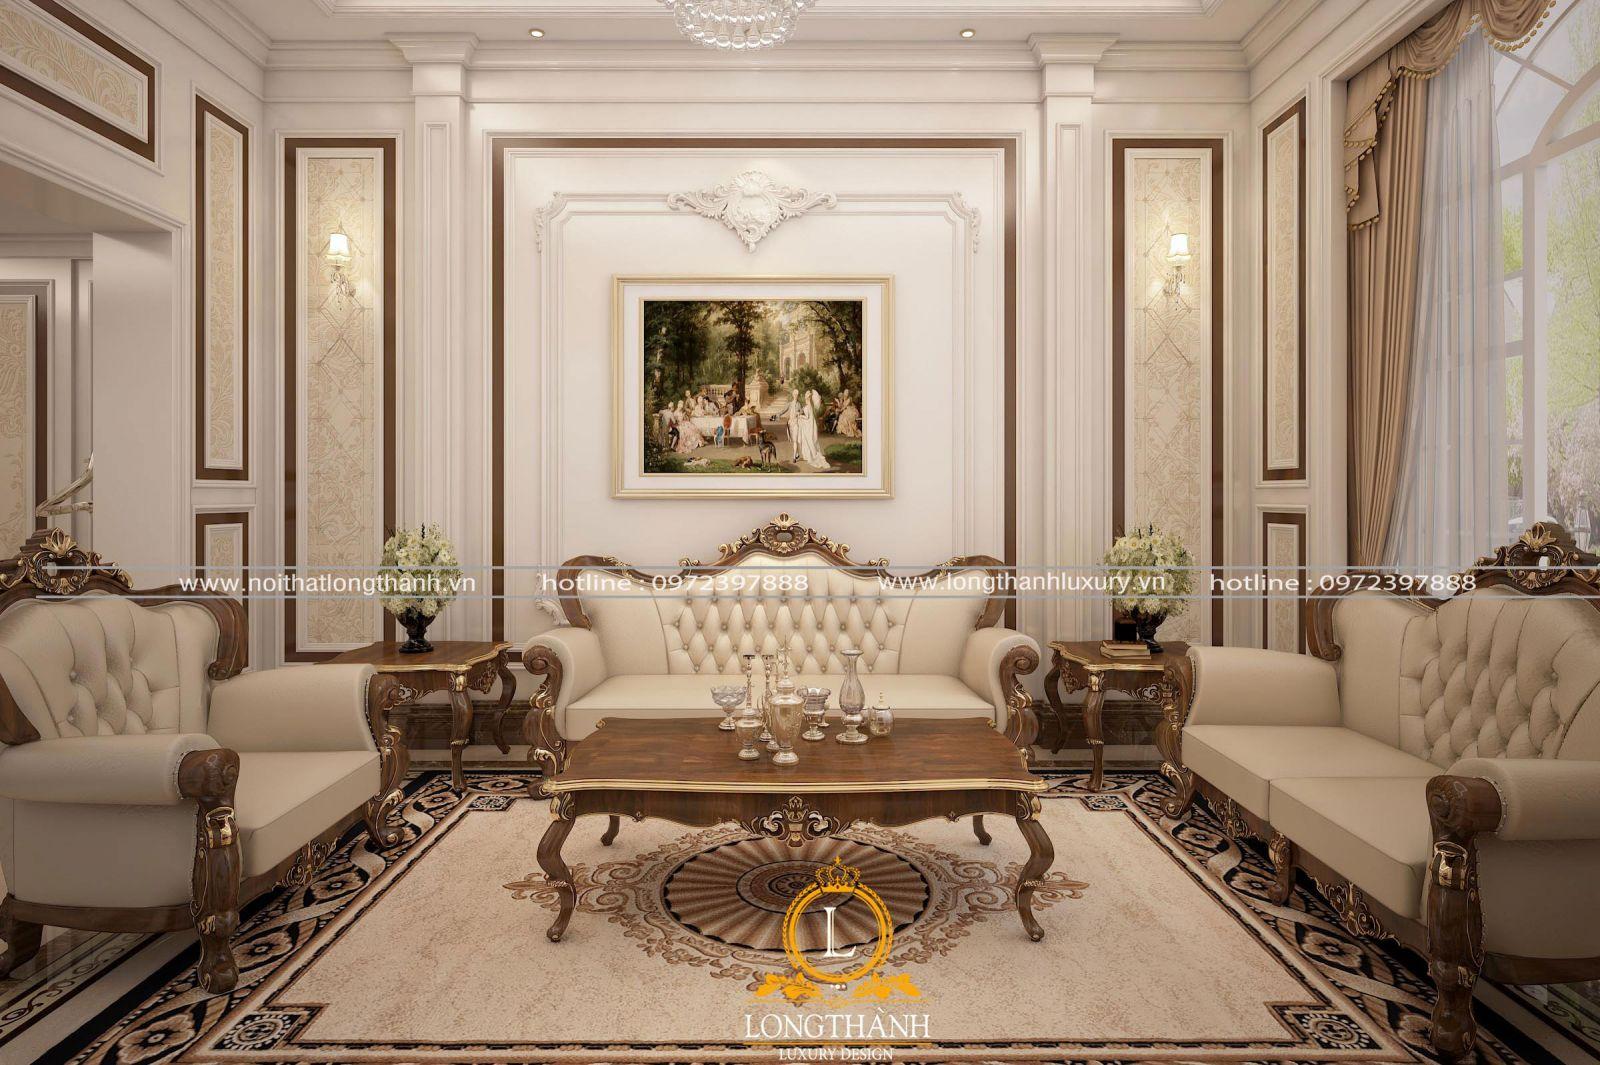 Thiết kế nội thất giao thoa tân cổ điển hiện đại - Xu hướng thời thượng